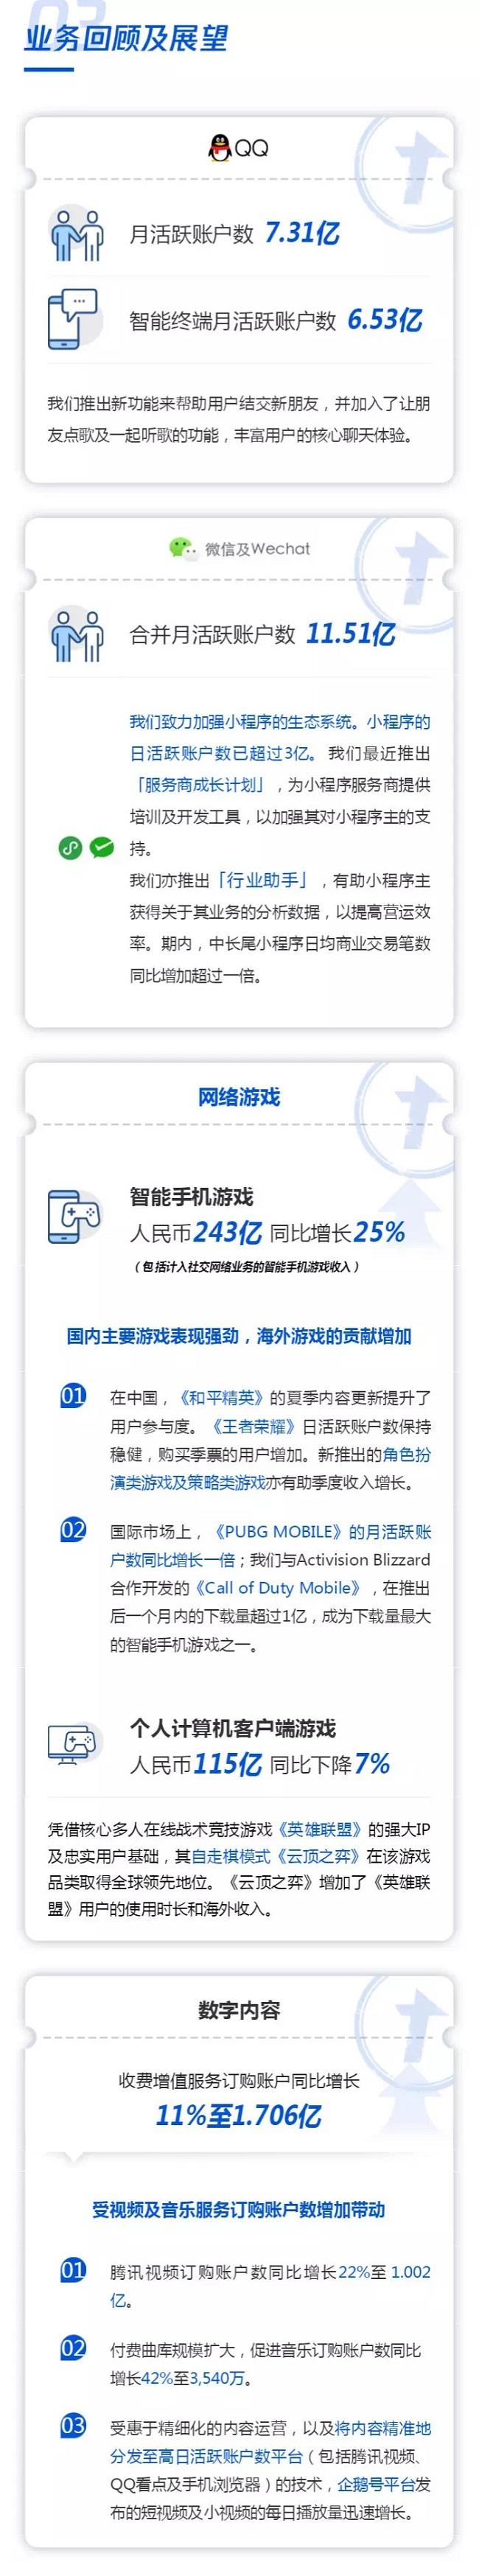 分析篮球亚盘-互联网电视7年之痒:贾跃亭走了冯鑫被抓 雷军去收割?